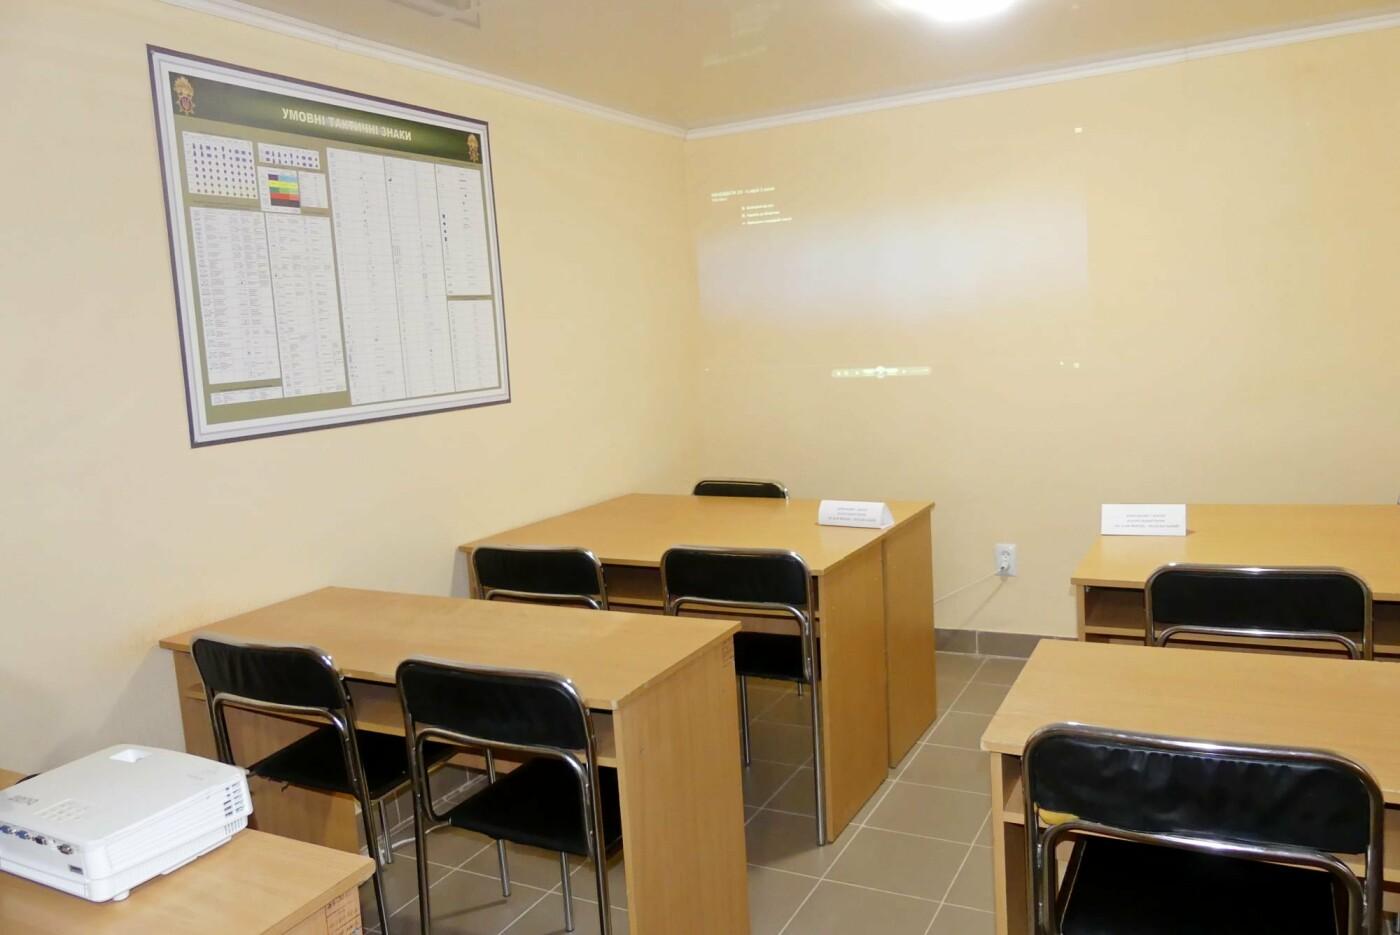 Військовослужбовці Нацгвардії переїхали у нове приміщення, фото-1, Фото: Кам'янець-Подільська міська рада